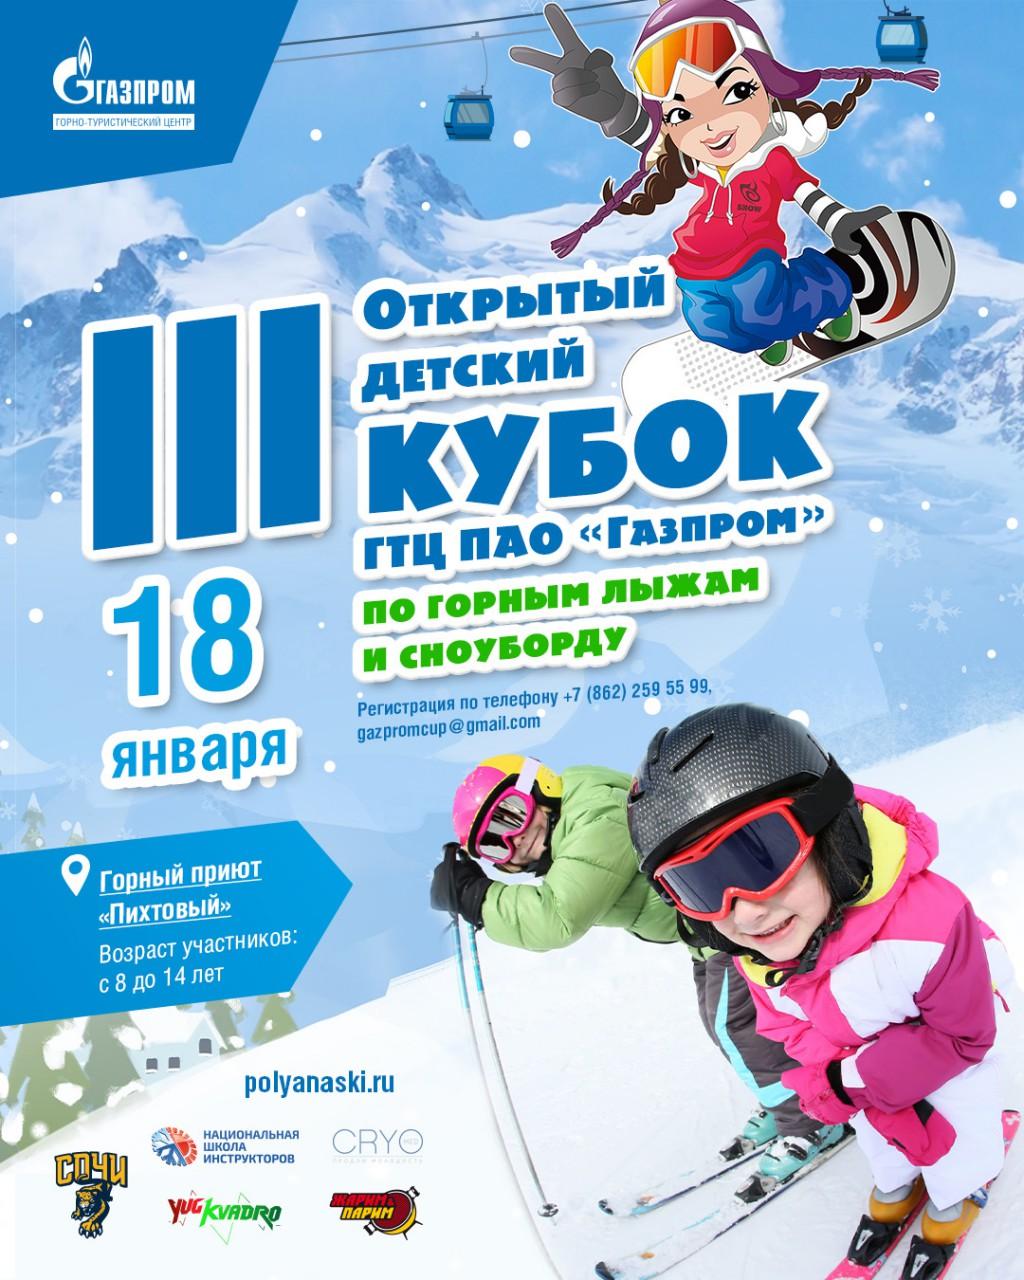 Борьба за кубок среди юных райдеров. На курорте Газпром пройдут детские соревнования по горным лыжам и сноуборду